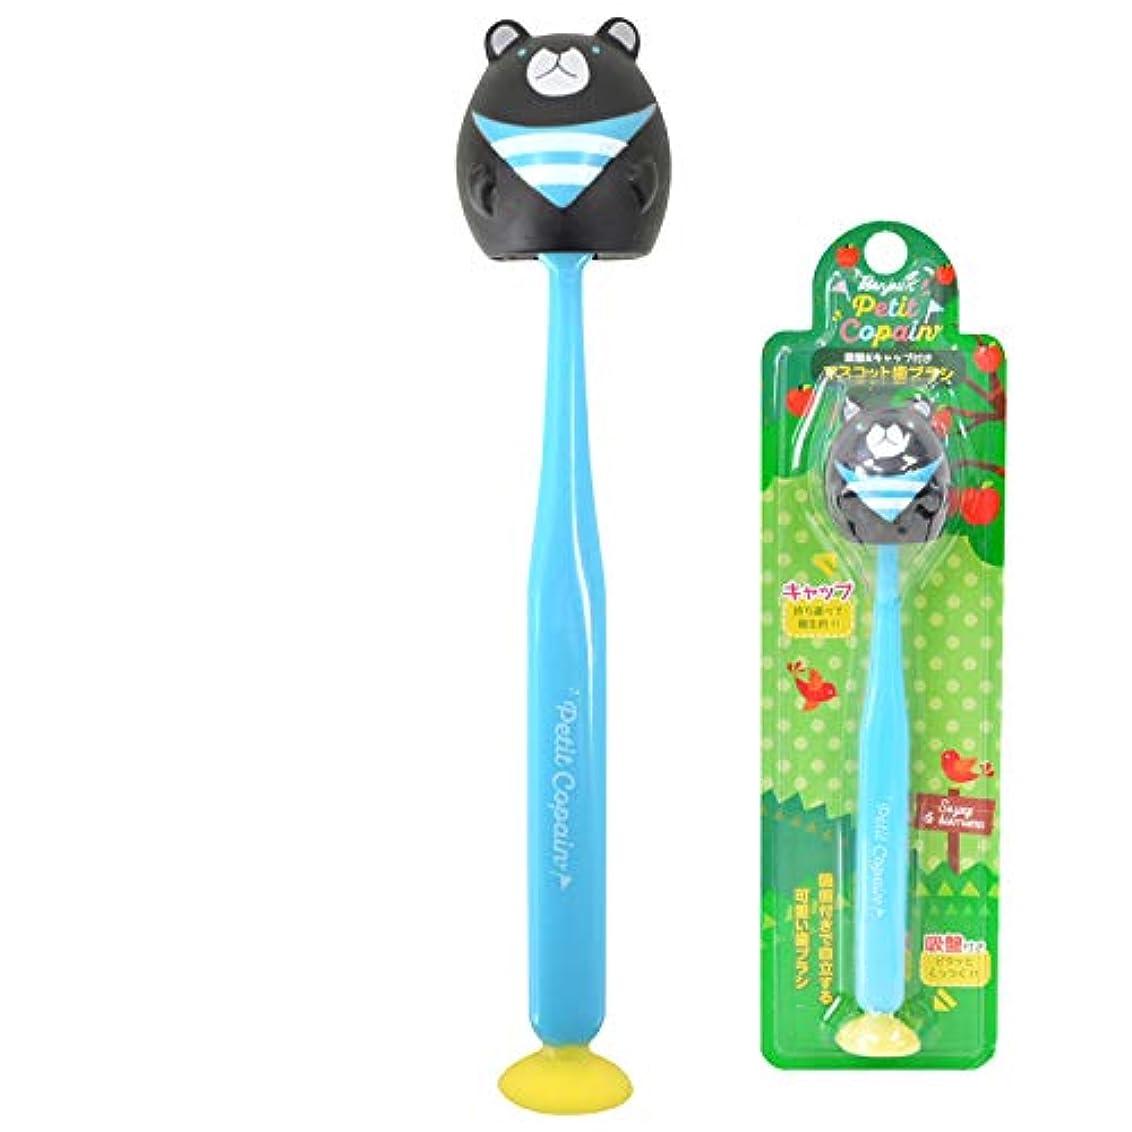 アラート増幅器キリスト教プティコパン 吸盤付き歯ブラシ クマ